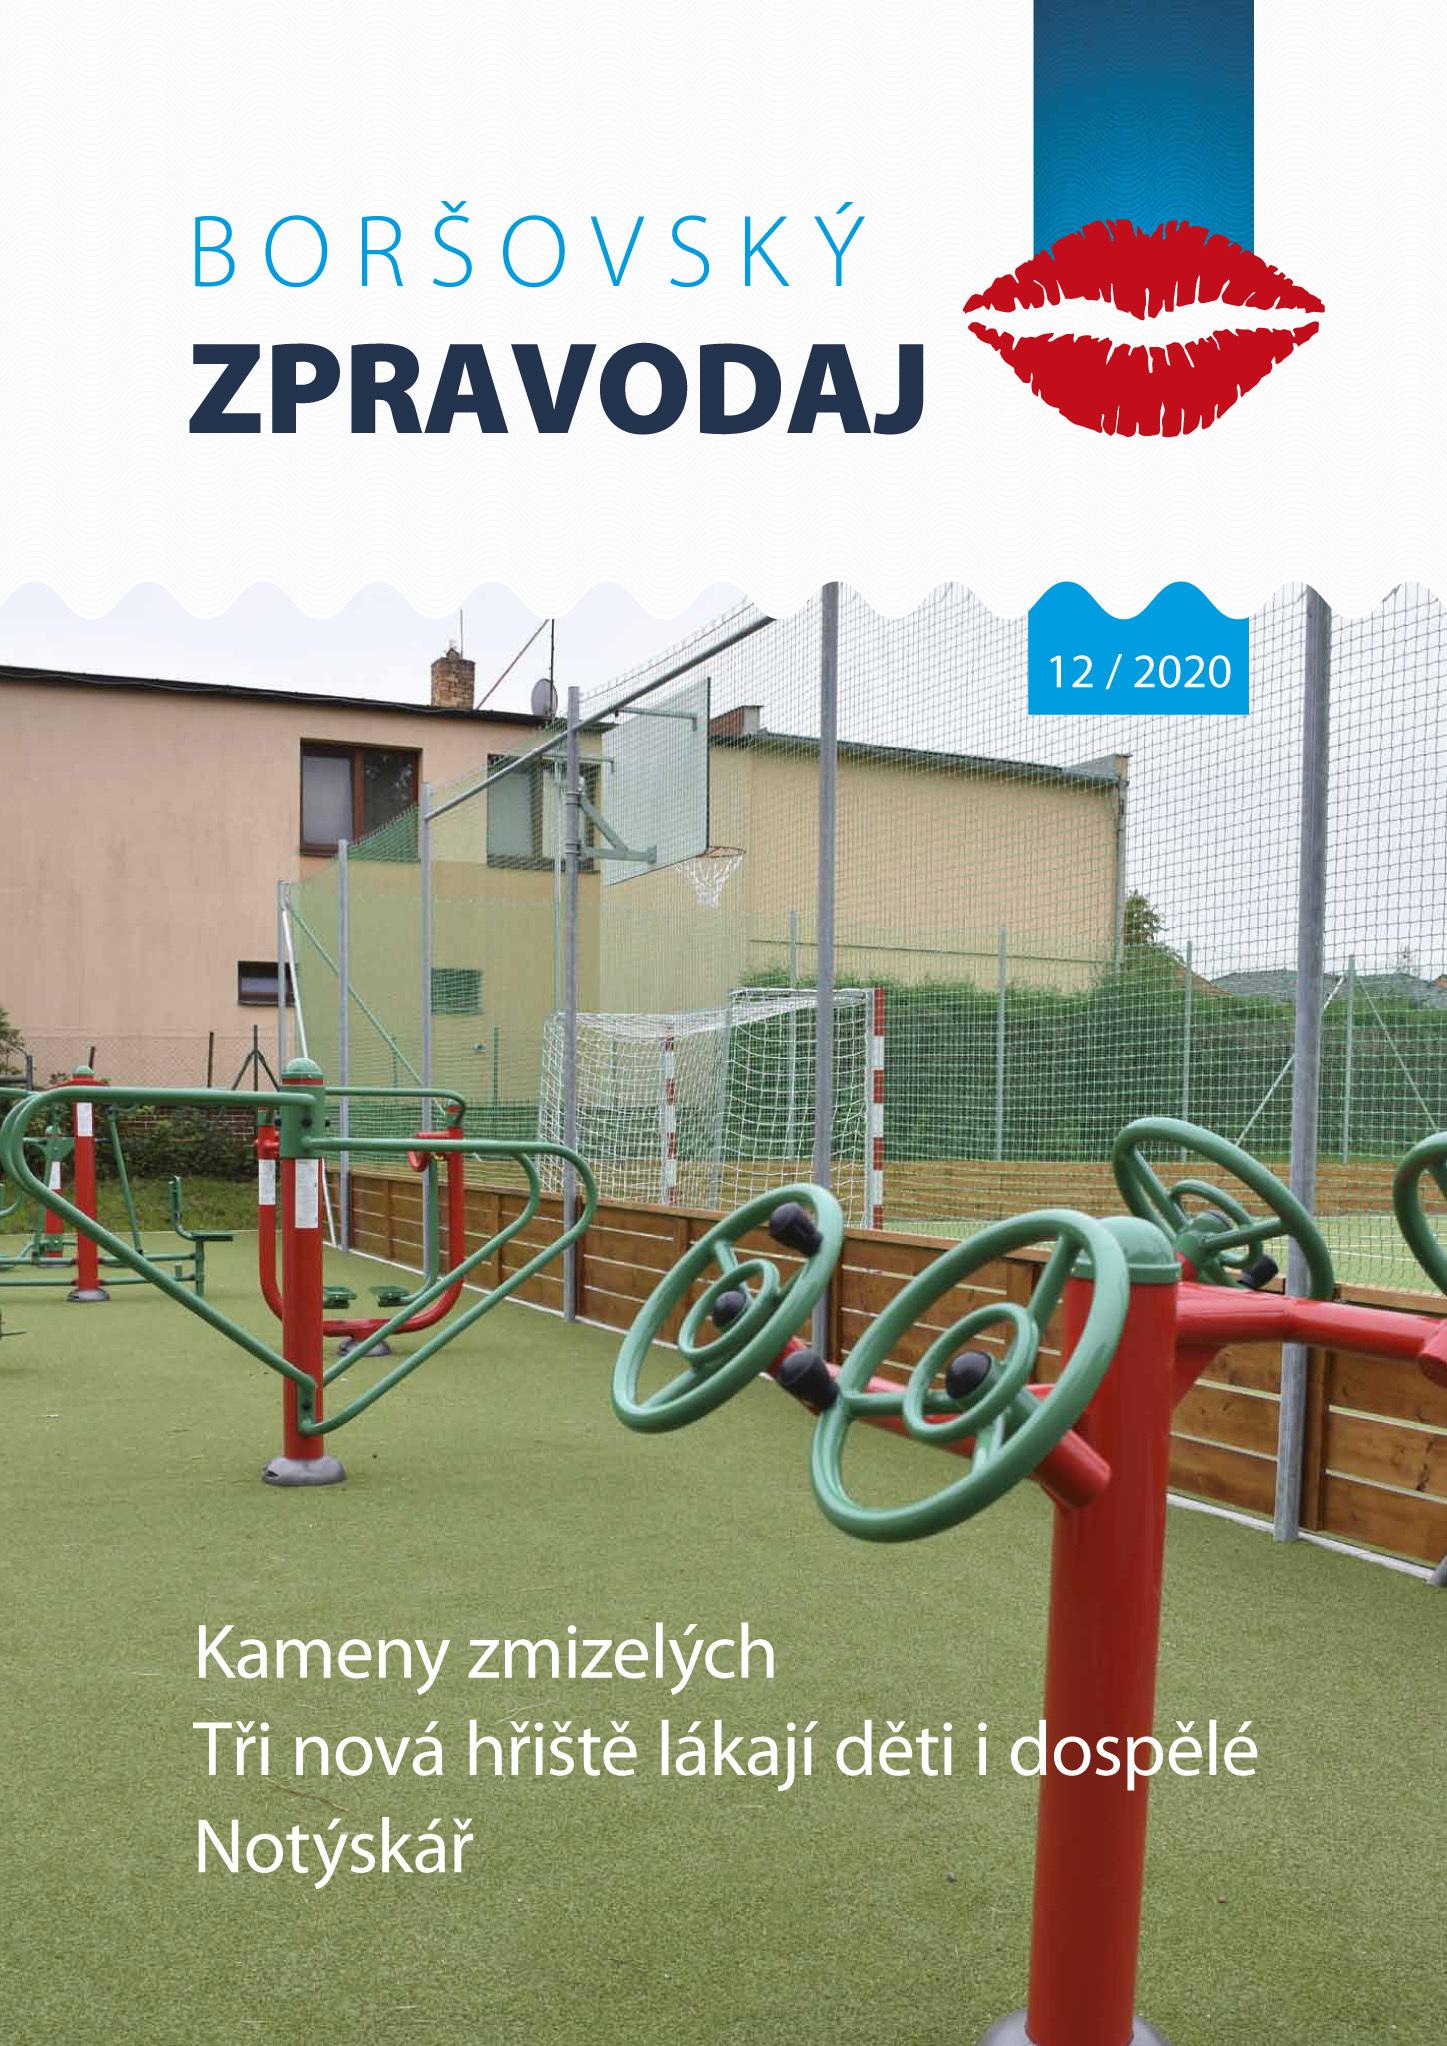 Boršovský zpravodaj 12/2020